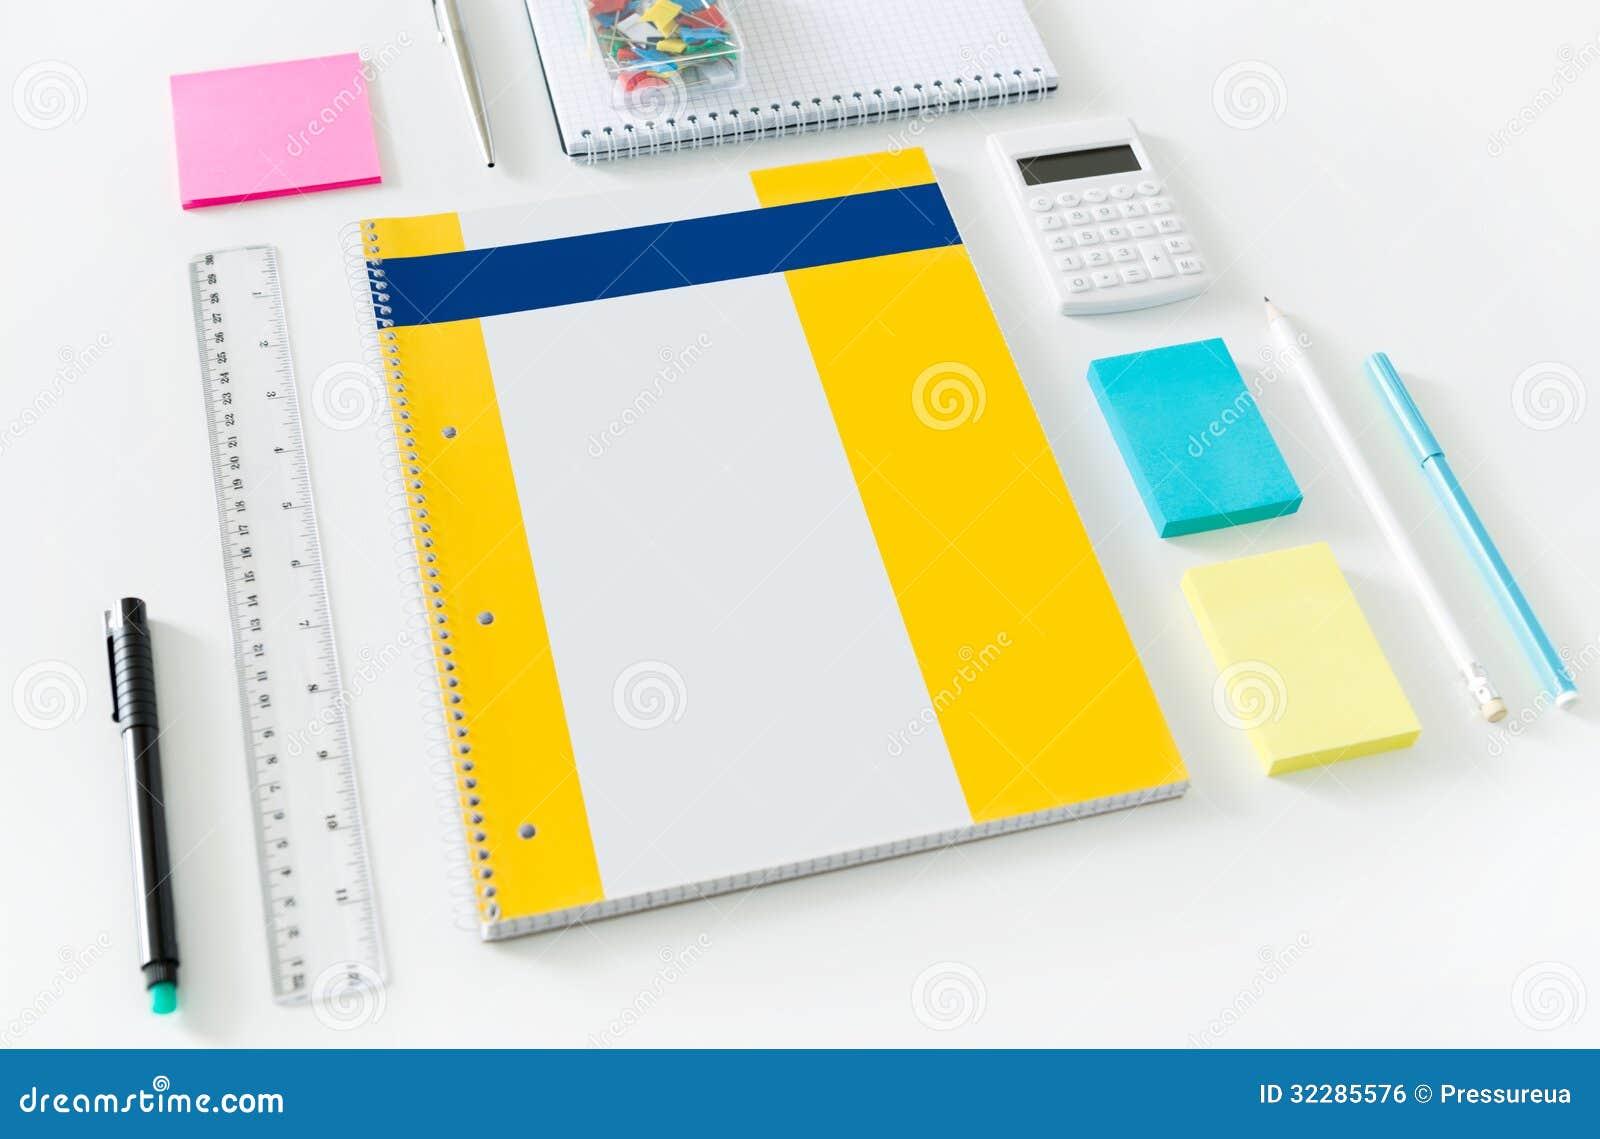 Art culos de la oficina en un escritorio imagen de archivo for Elementos para oficina